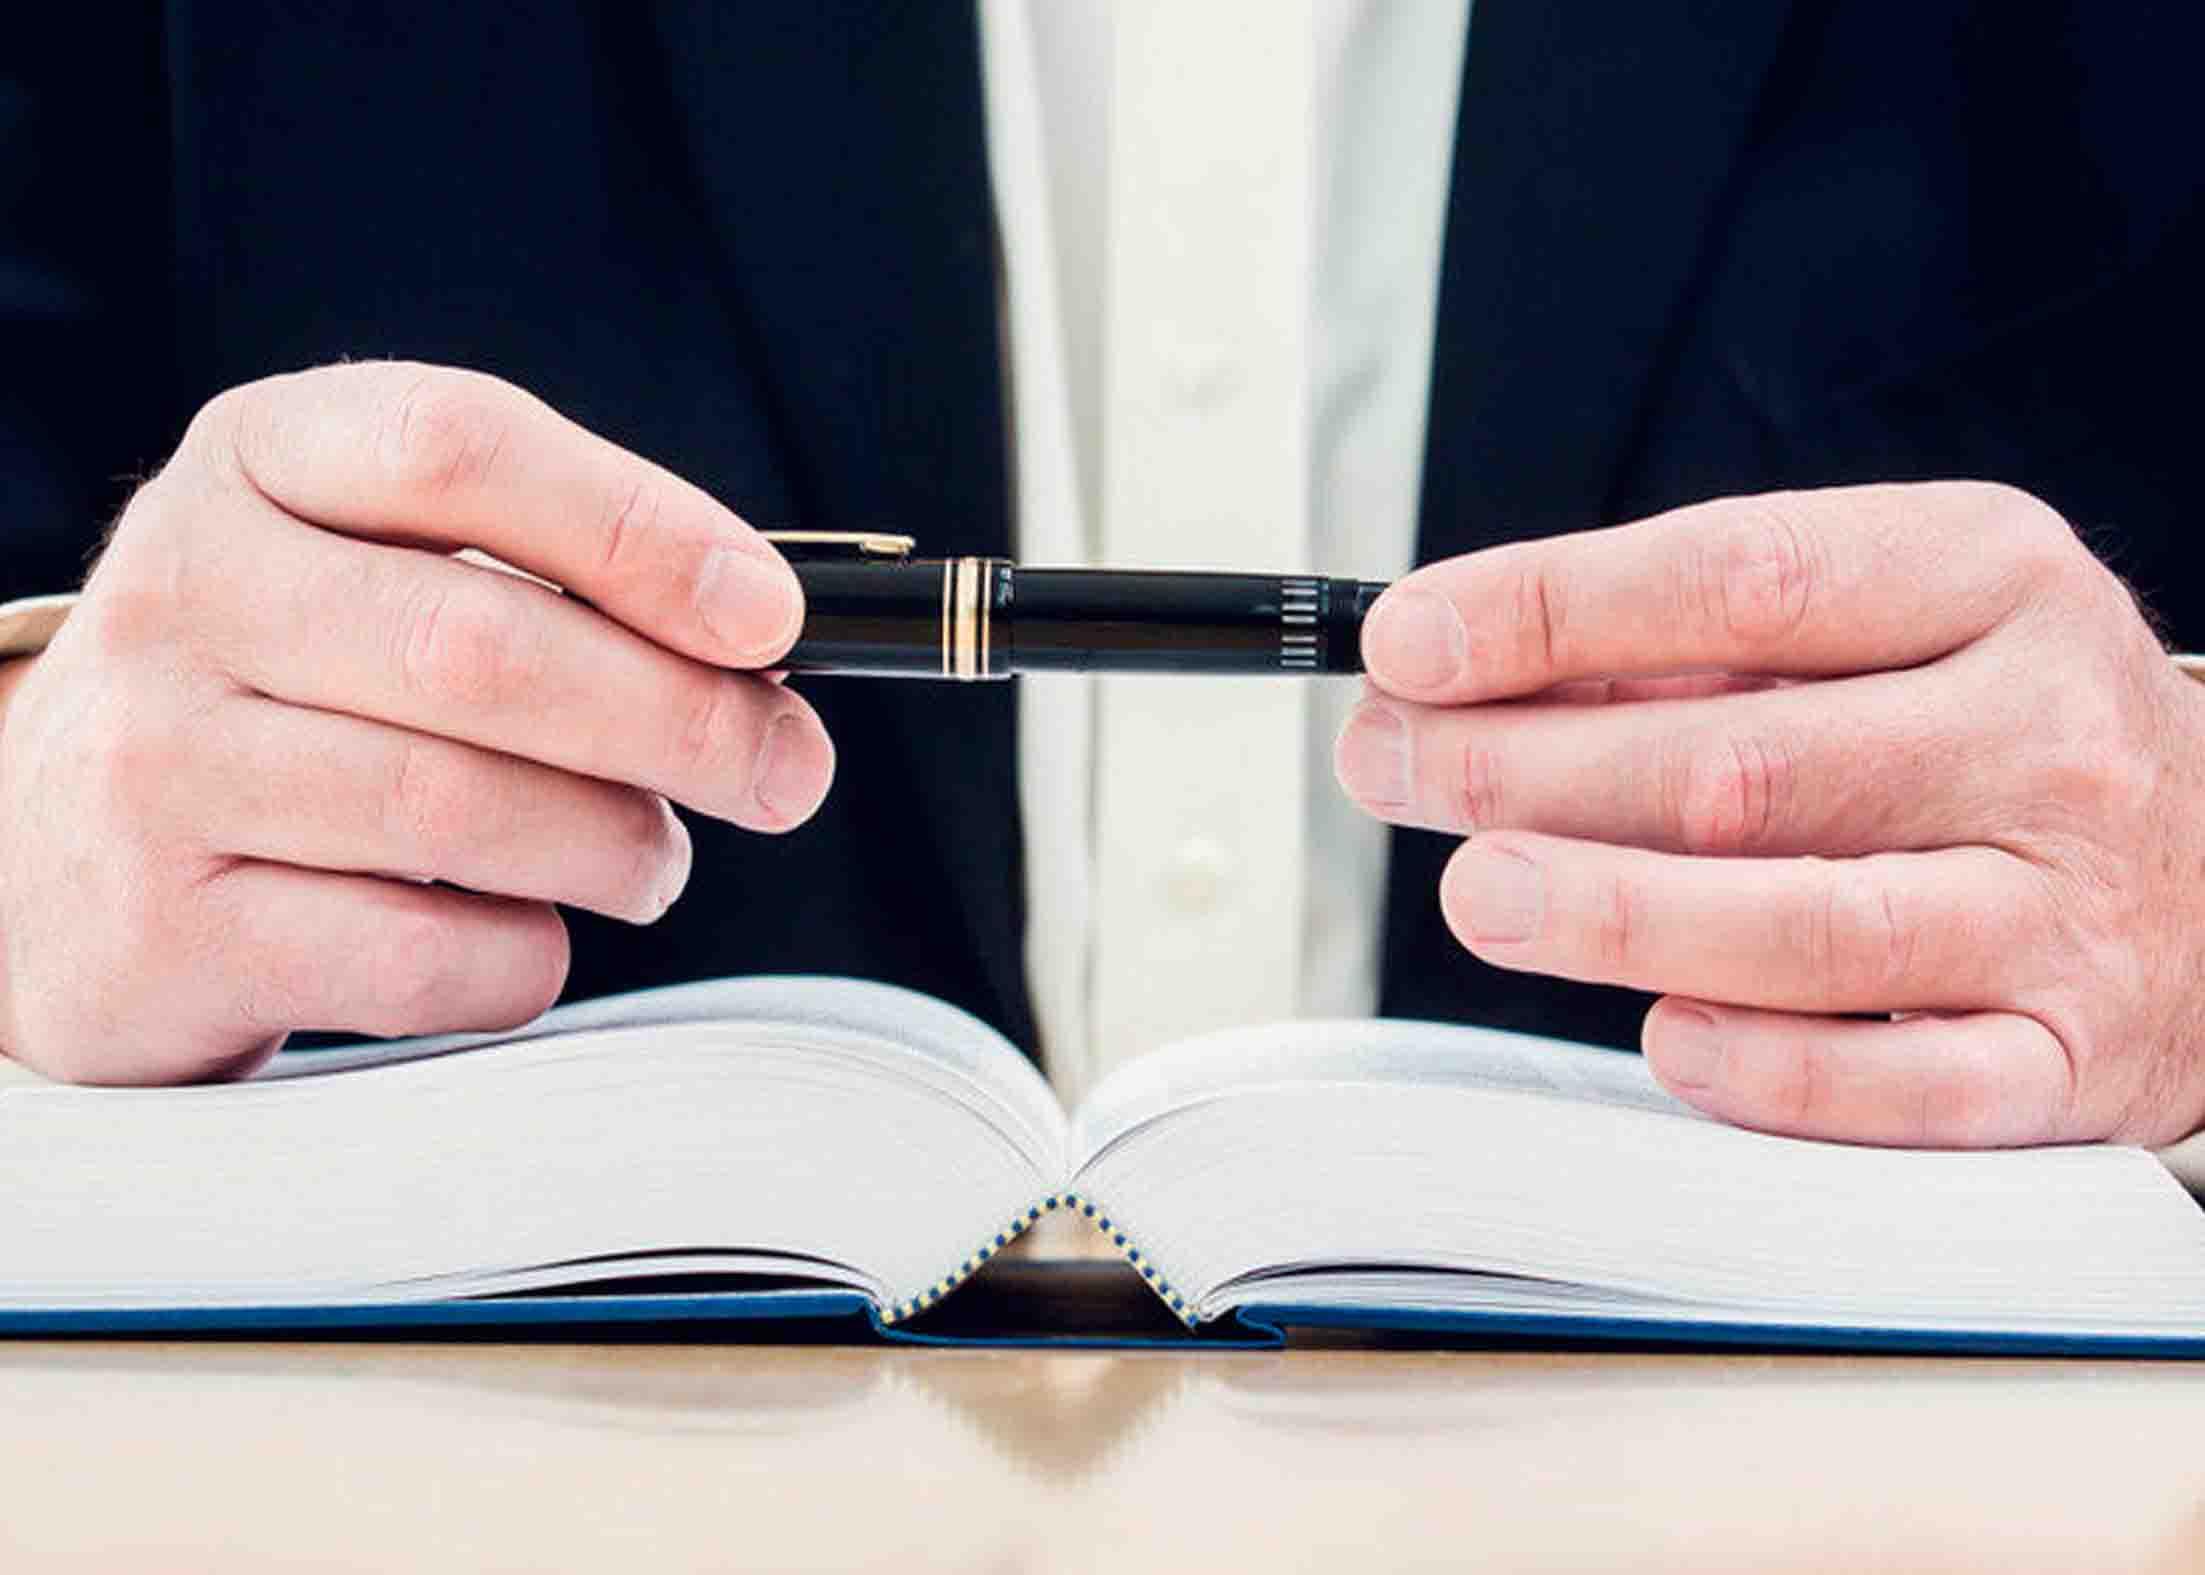 Адвокат за столом с ручкой и ежедневником